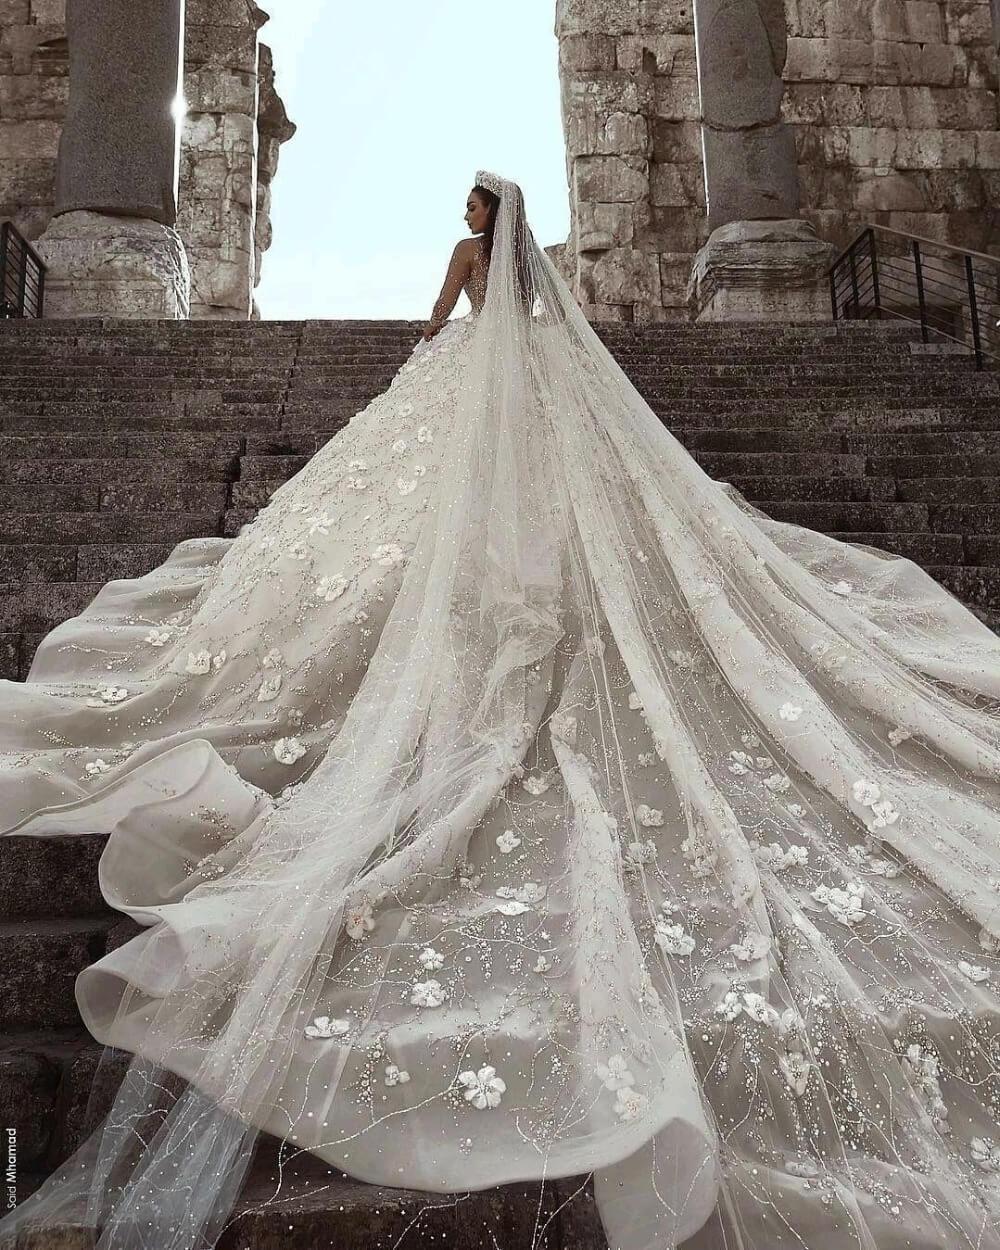 Foto Reali Grande Abito di Sfera Abiti da Sposa 2020 Abiti da Sposa in Pizzo Mariage Abiti da Sposa Vestido De Noiva Vintage